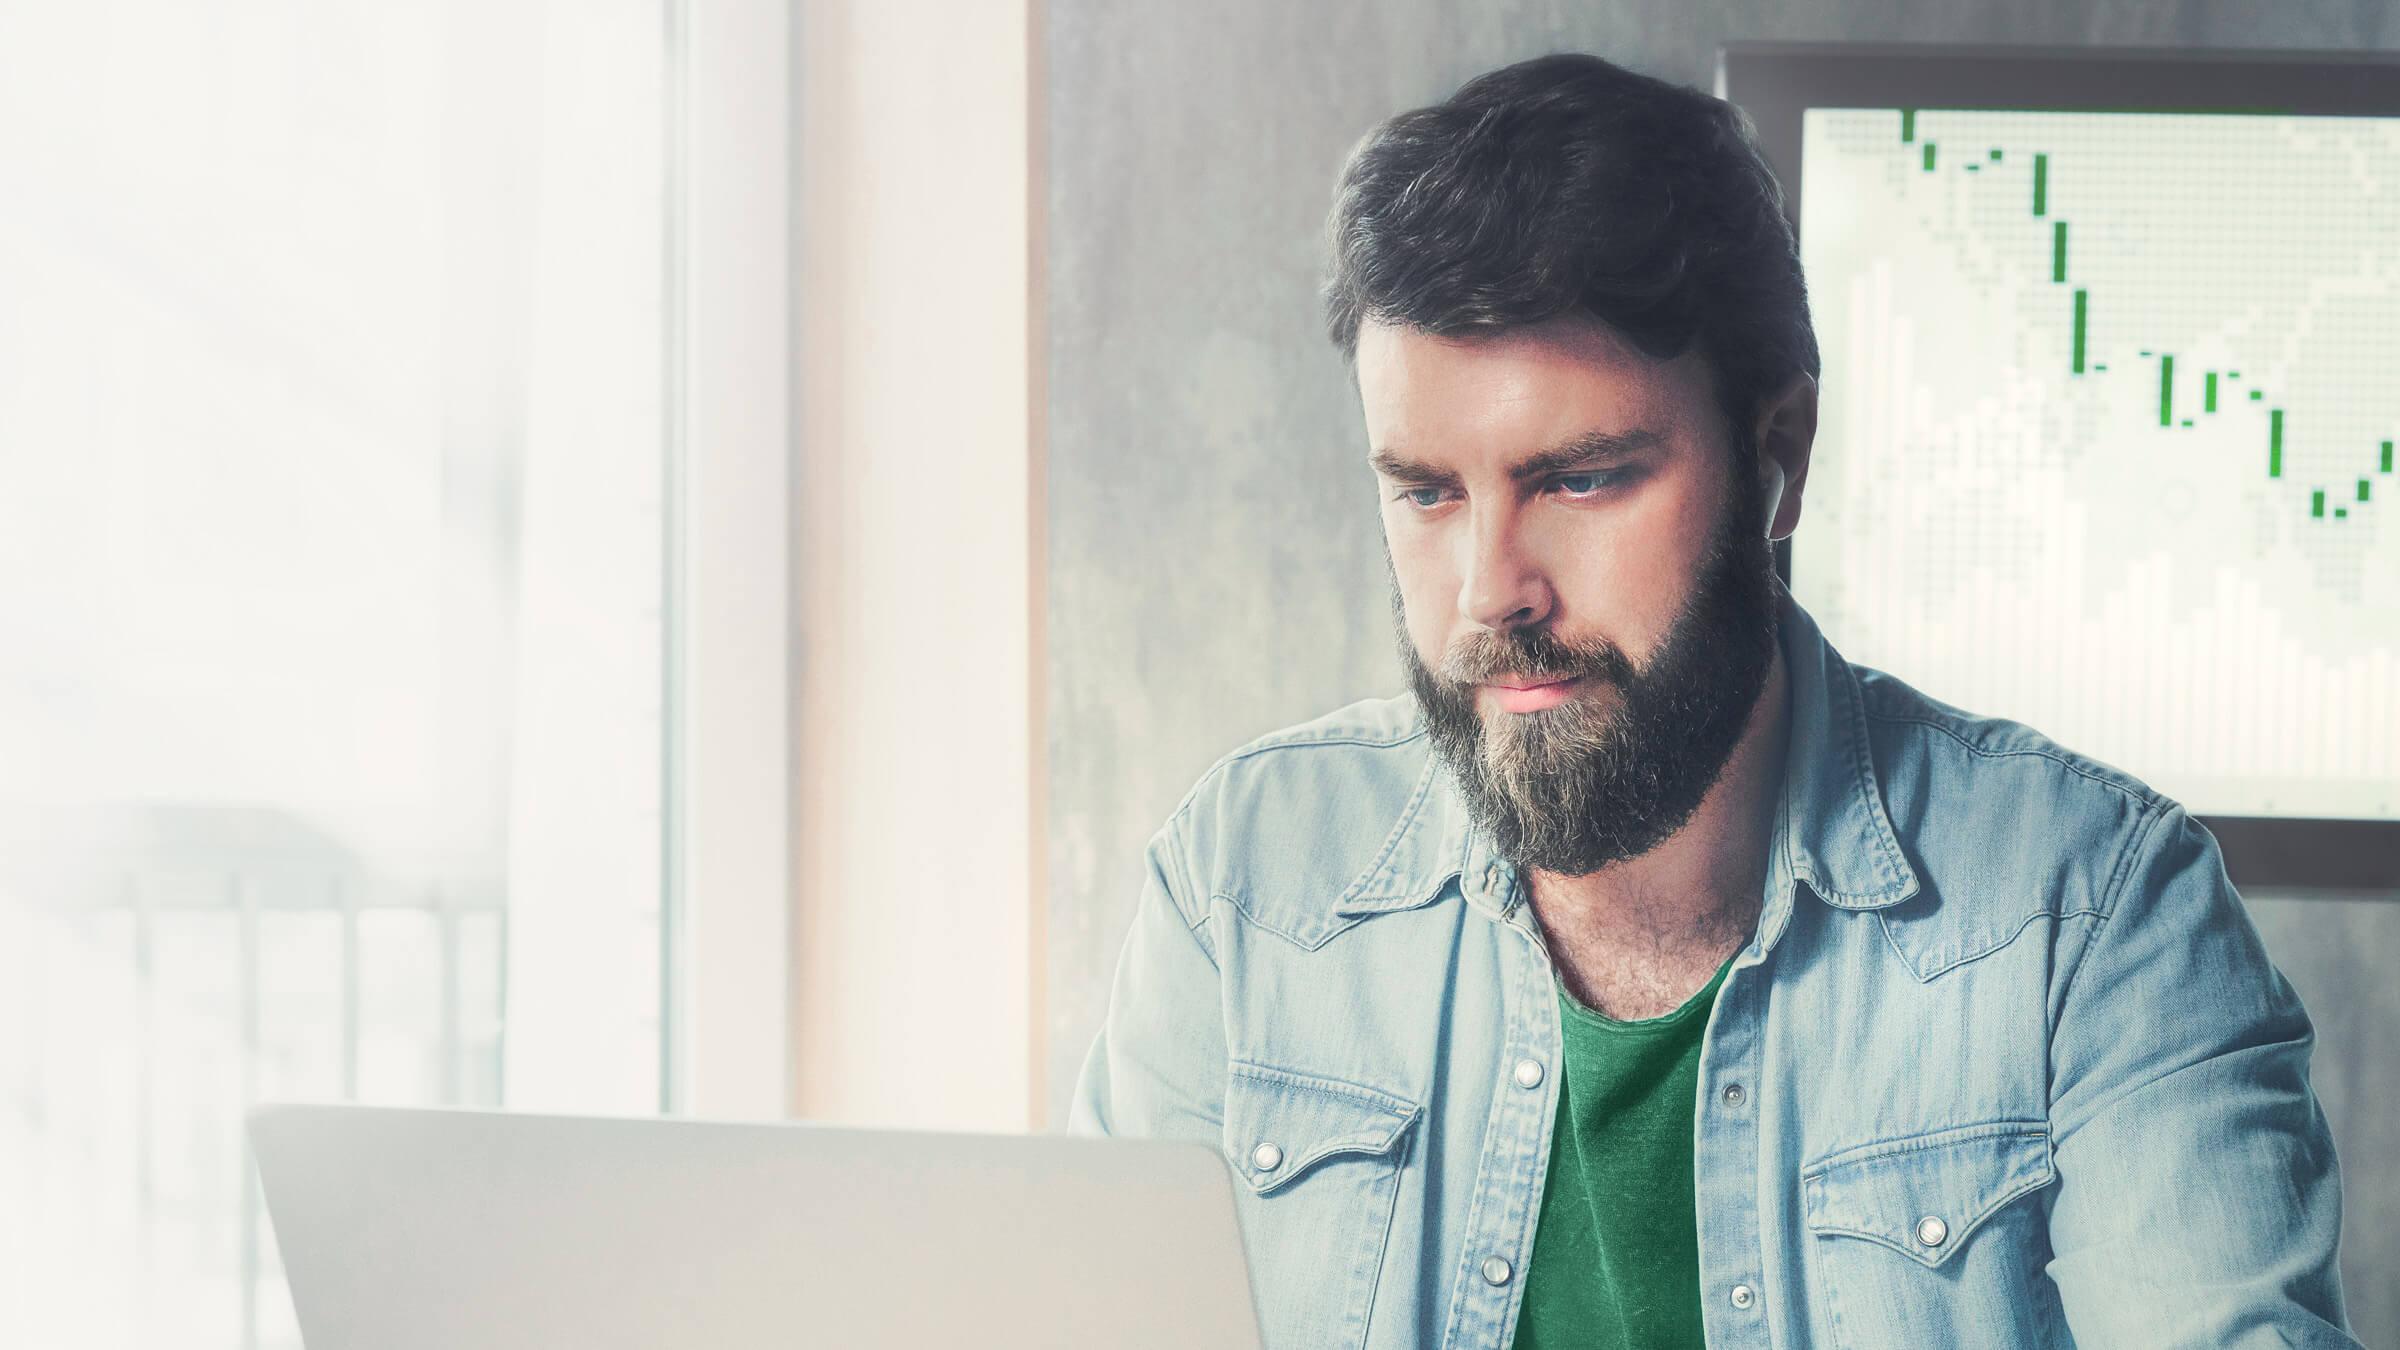 Inwestor i klient LYNX handlujący parami walutowymi na laptopie